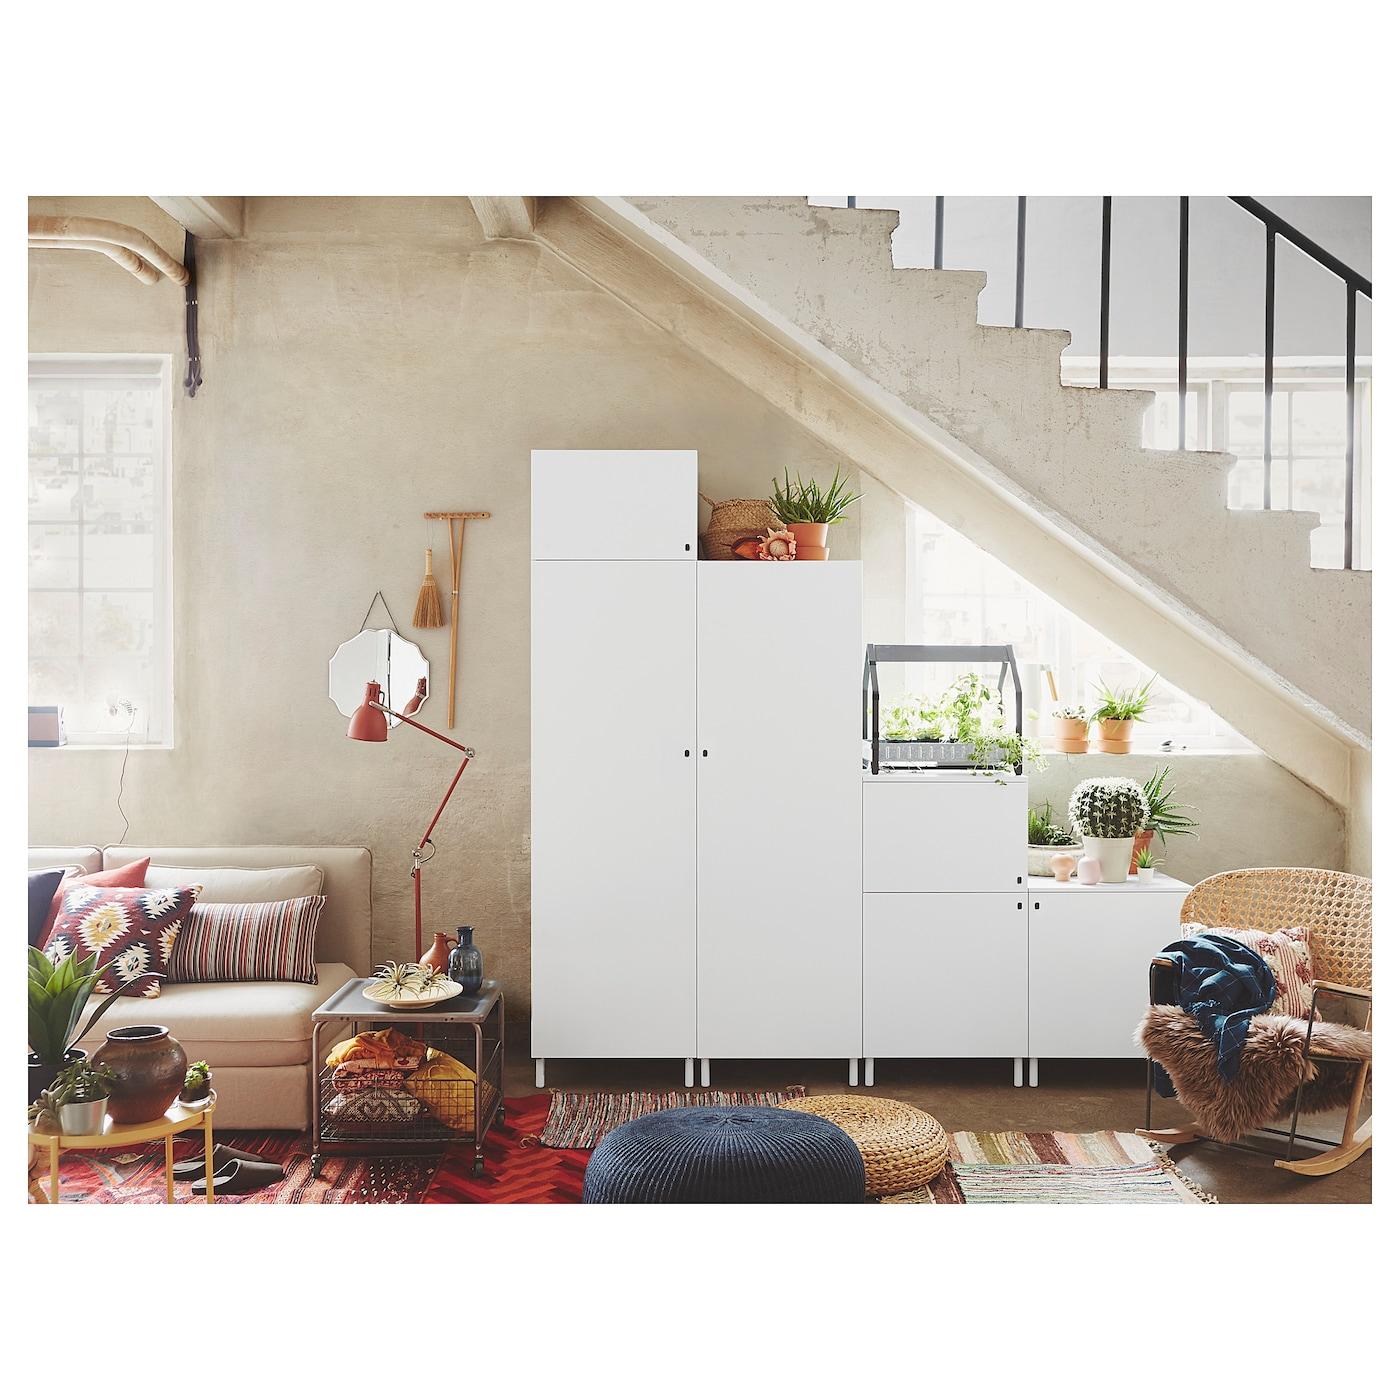 Full Size of Platsa Kleiderschrank Betten Ikea 160x200 Badezimmer Unterschrank Jalousieschrank Küche Schranksysteme Schlafzimmer Eckschrank Bad Einbauküche Ohne Wohnzimmer Dachschräge Schrank Ikea